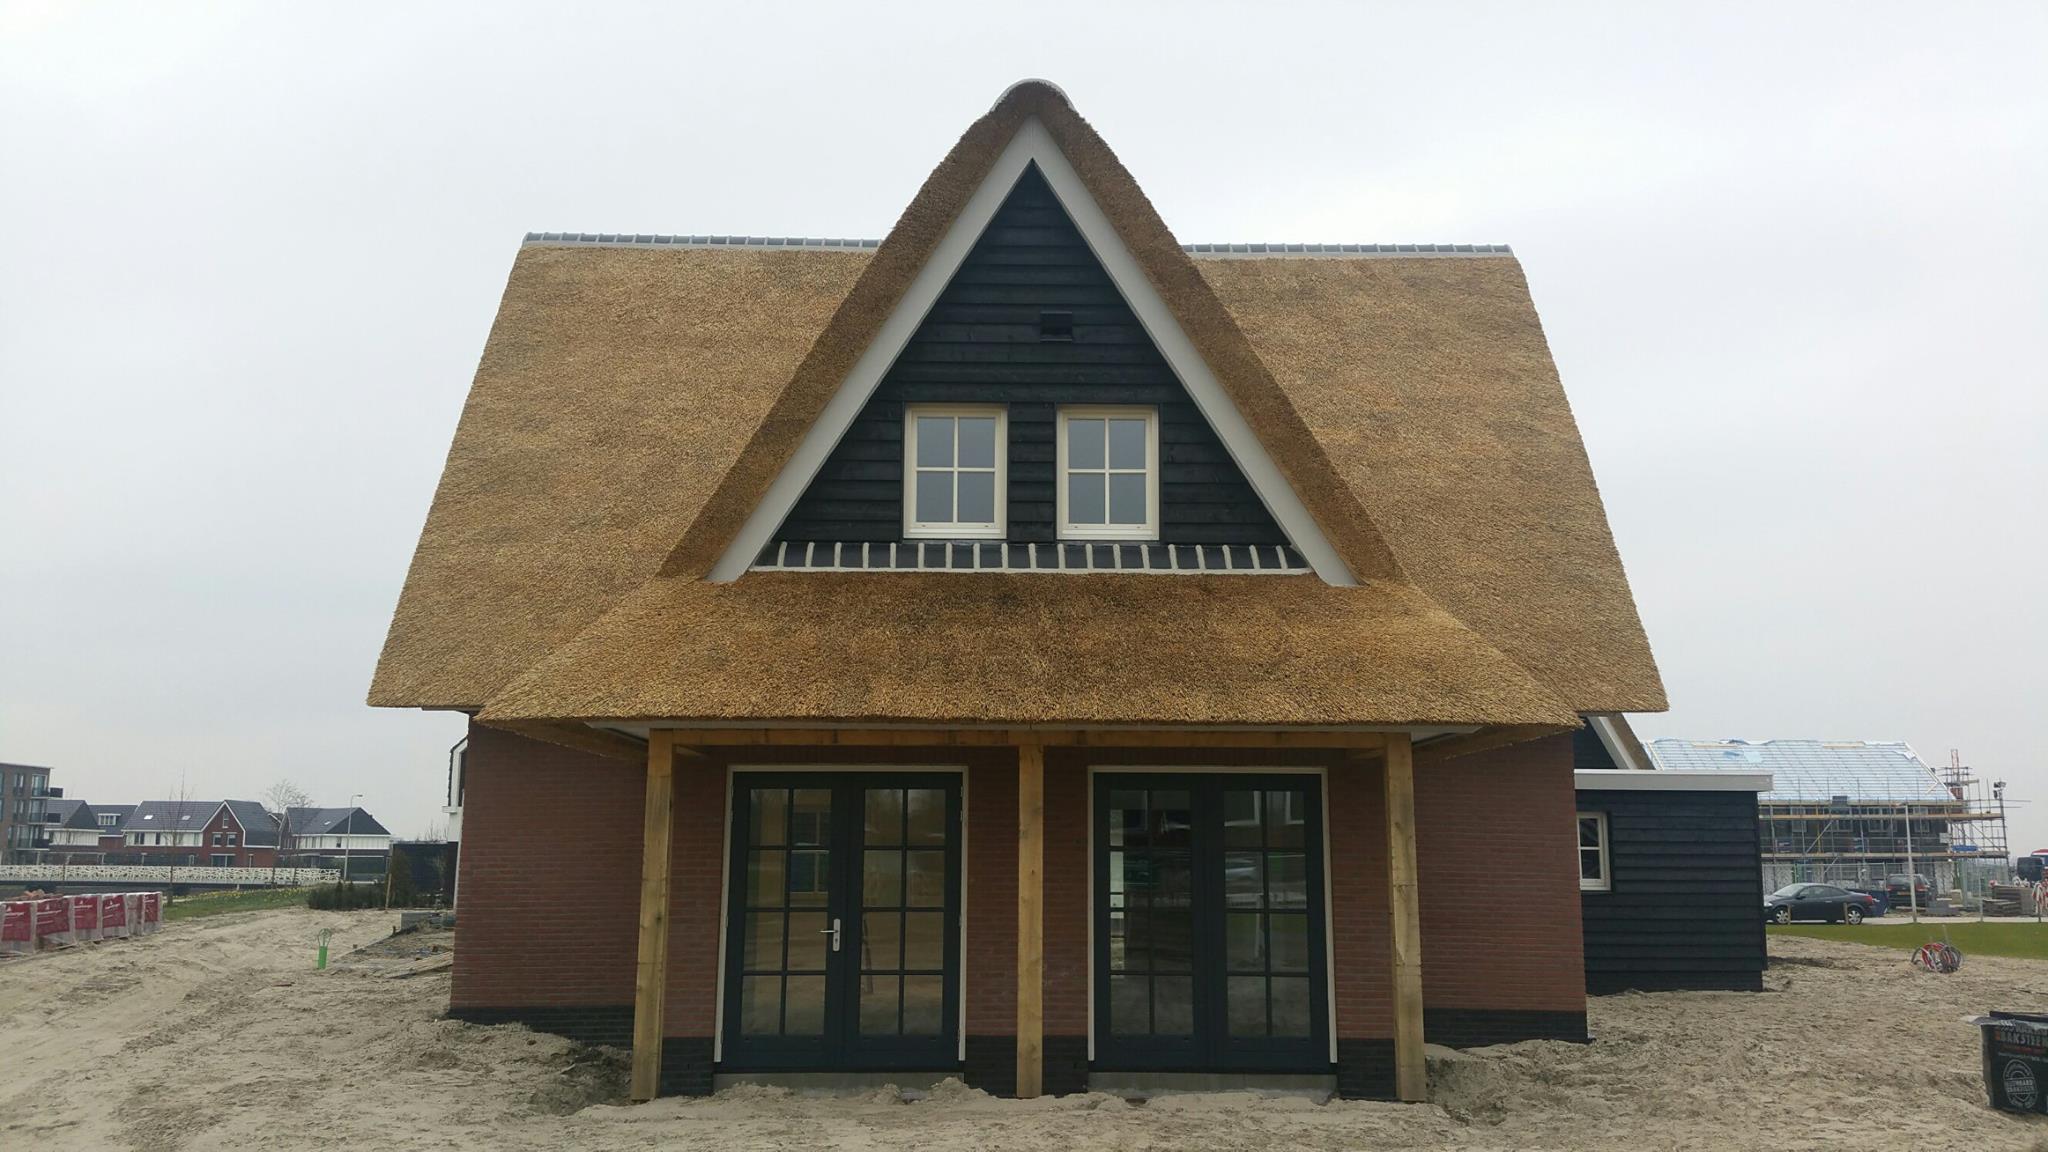 80 duurzaam huis bouwen rietgedekte woning bouwen landelijk huis bouwen schuurwoning for Afbeelding van moderne huizen